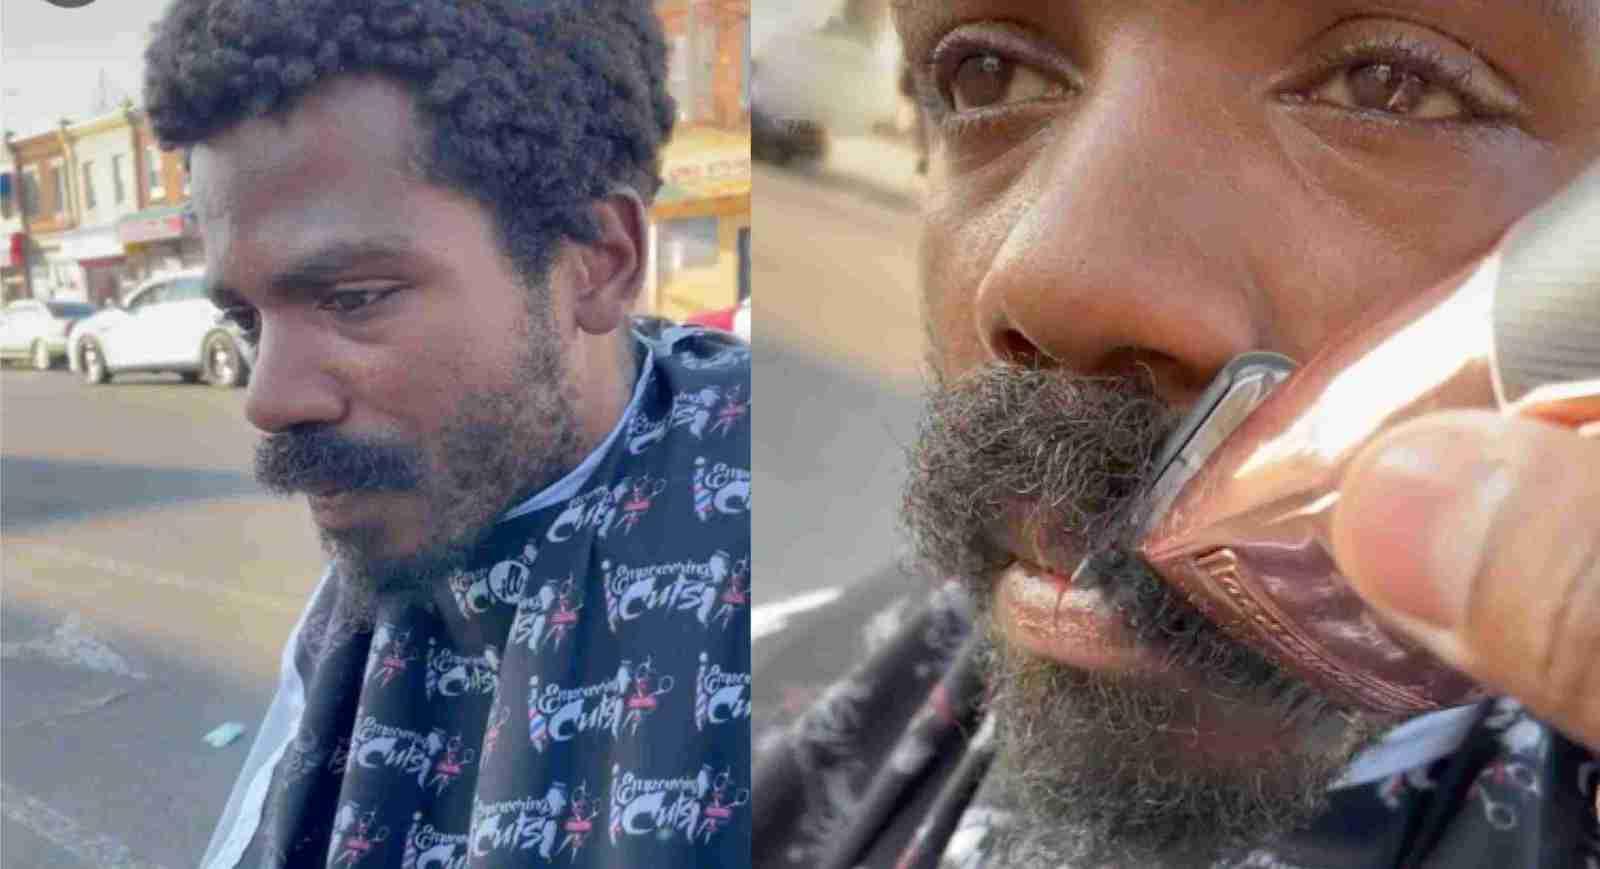 TIktoker ayuda a indigente a cambiar su apariencia cortando su cabello y barba